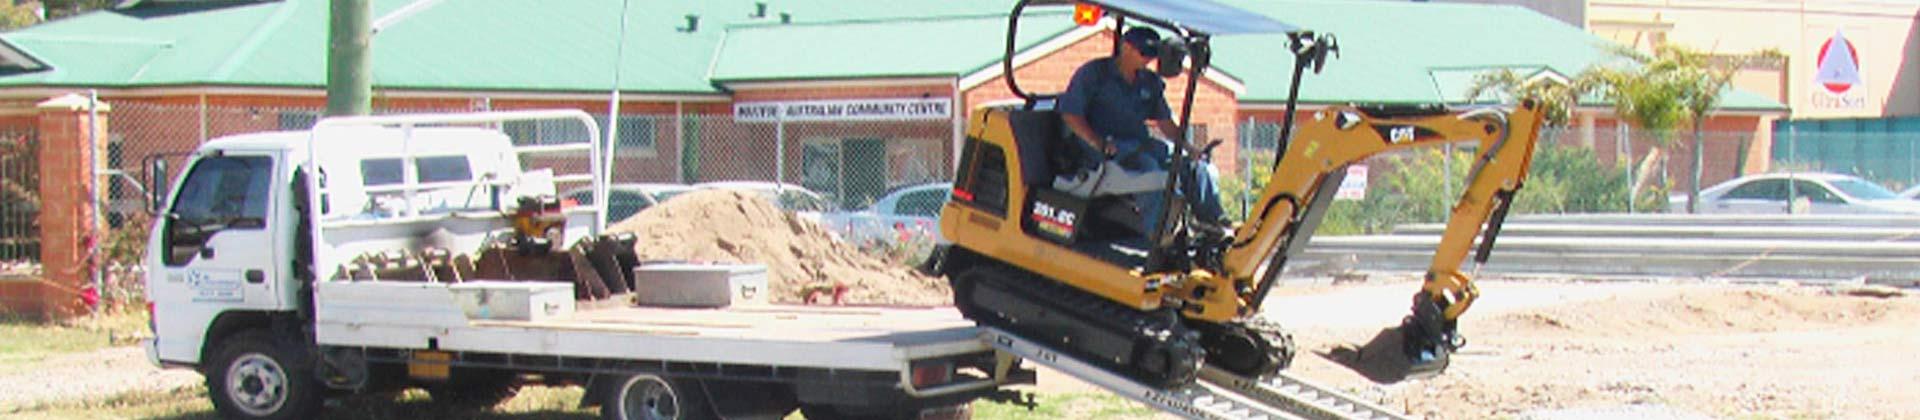 mini excavators services hero image